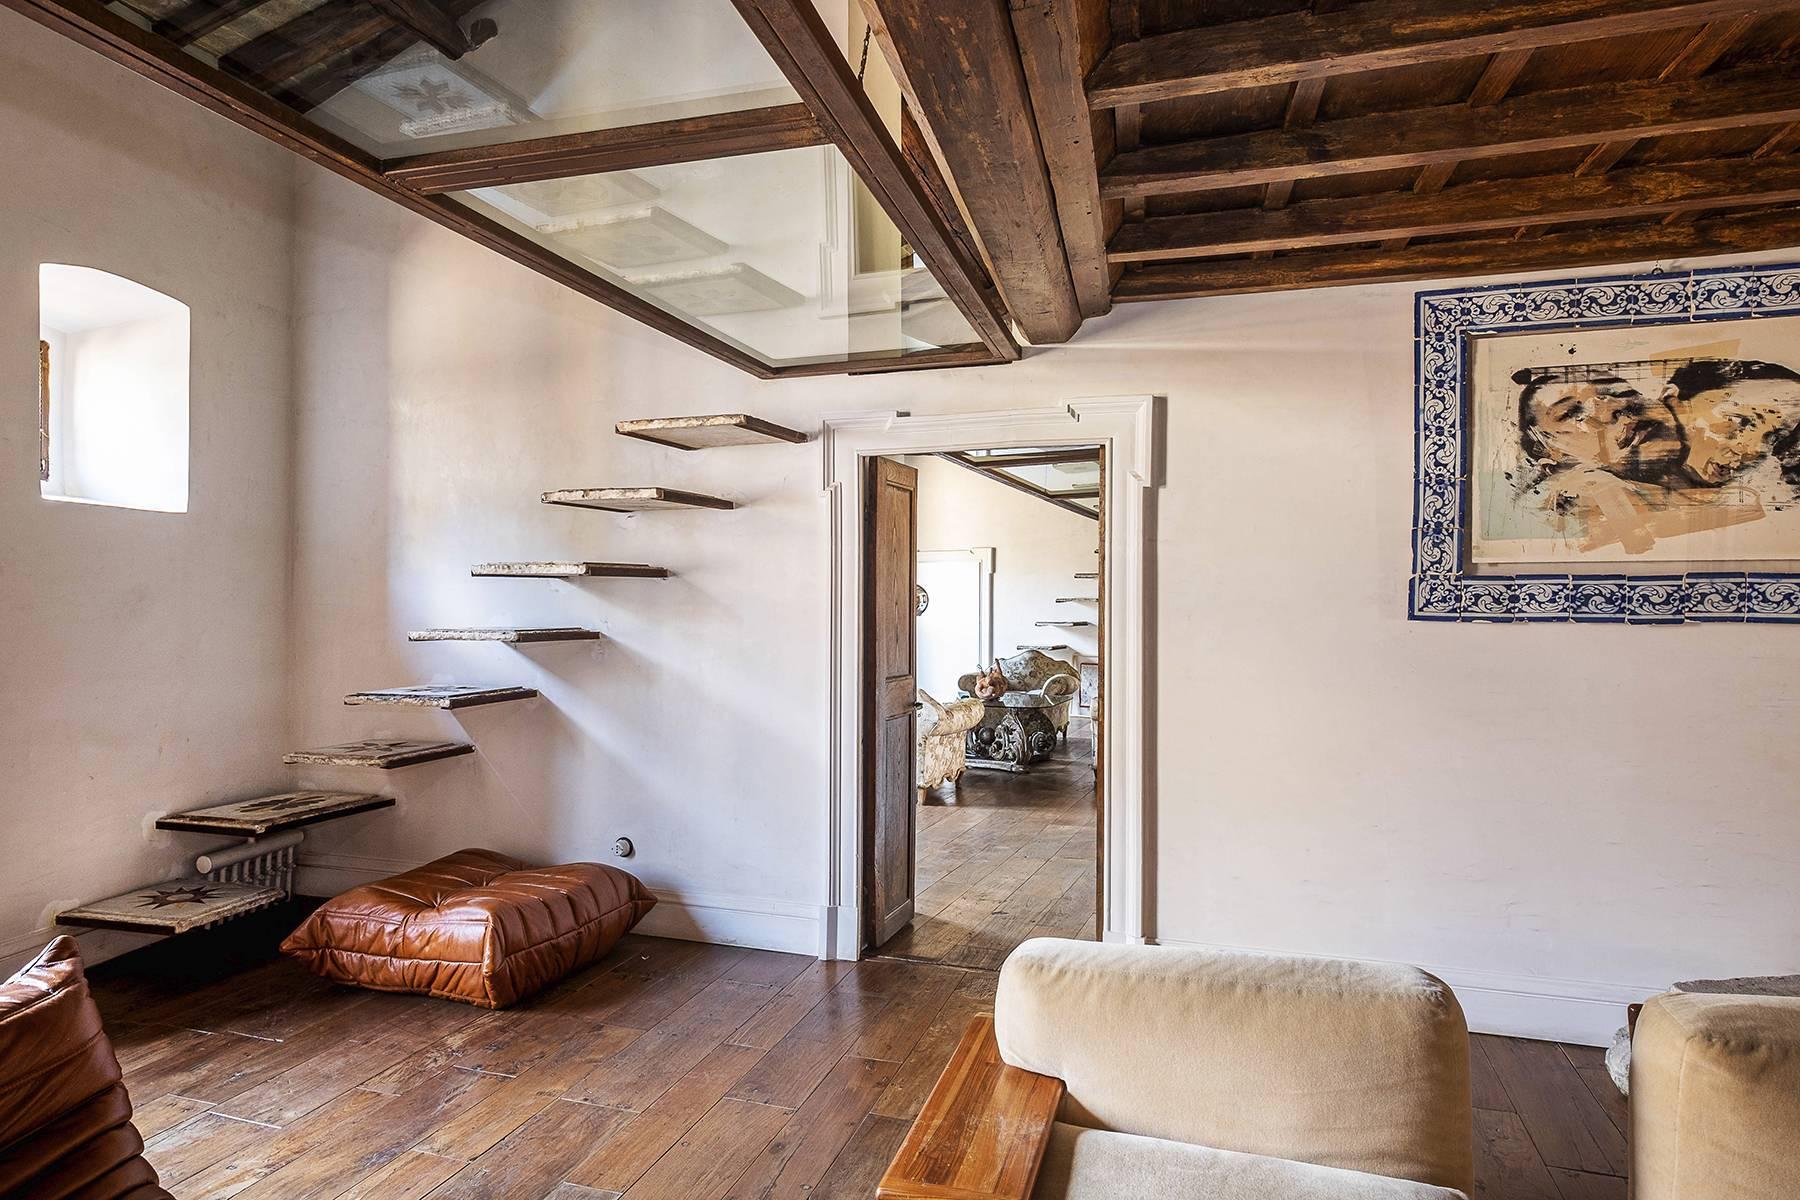 Splendido attico ristrutturato con giardini pensili panoramici - 12